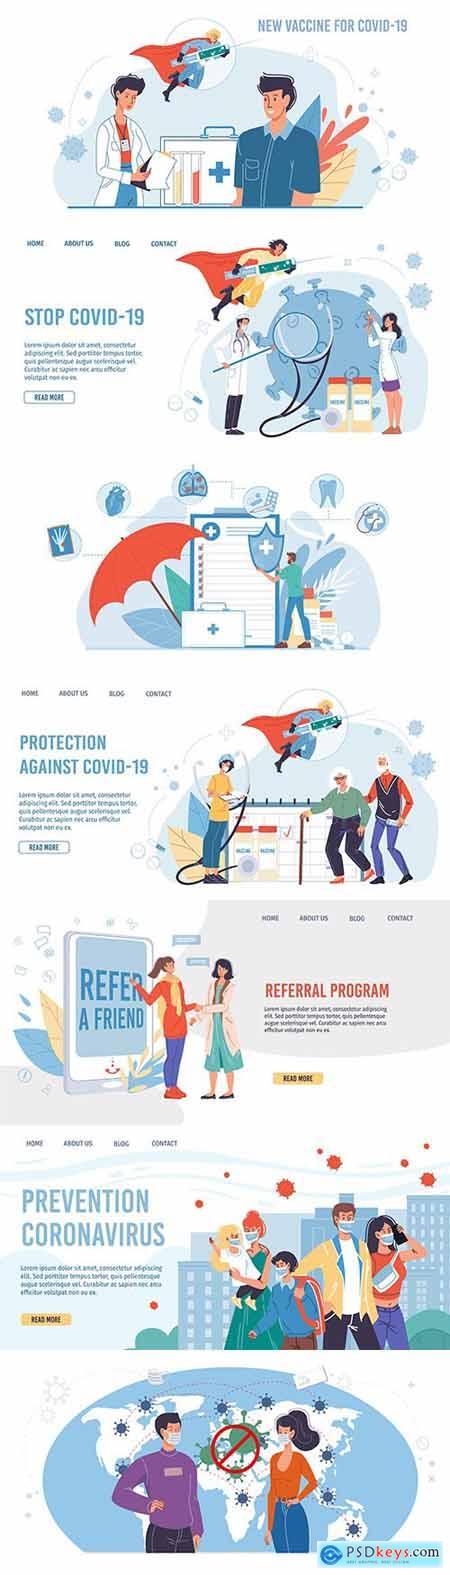 Superhero character carries coronavirus vaccine cartoon flat design